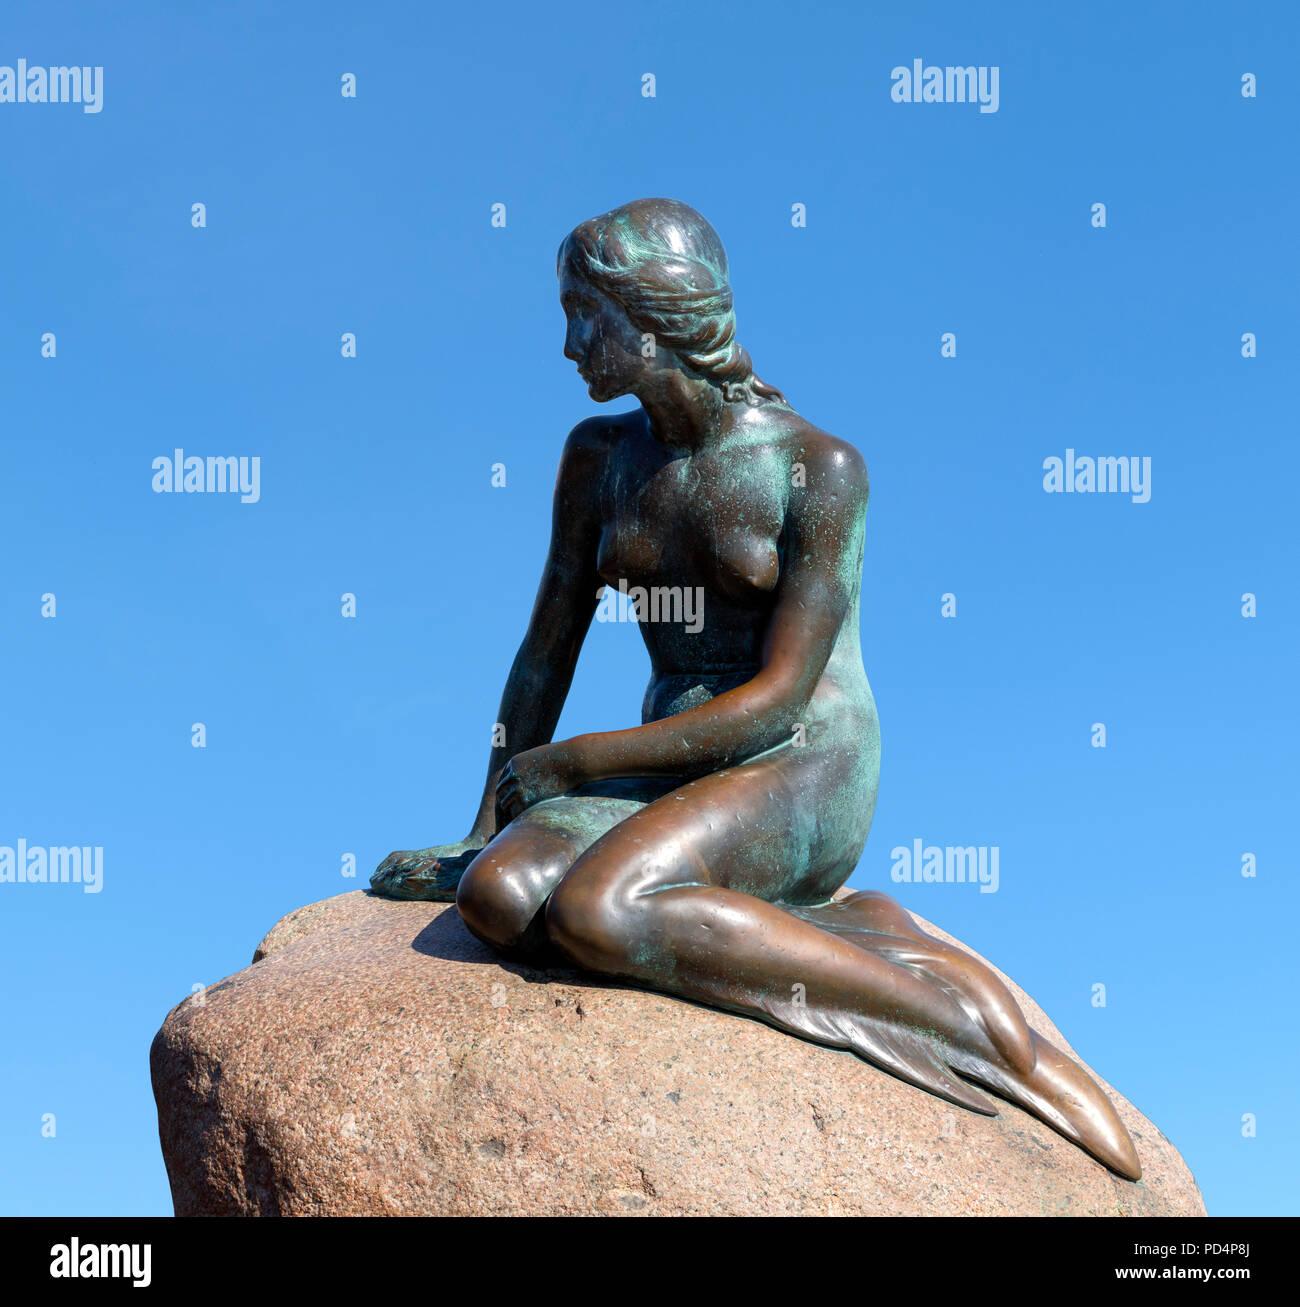 La Sirenita de Copenhague. Den Lille Havfrue, una estatua por Edvard Eriksen en el paseo marítimo de Langelinie, Copenhague, Dinamarca Imagen De Stock